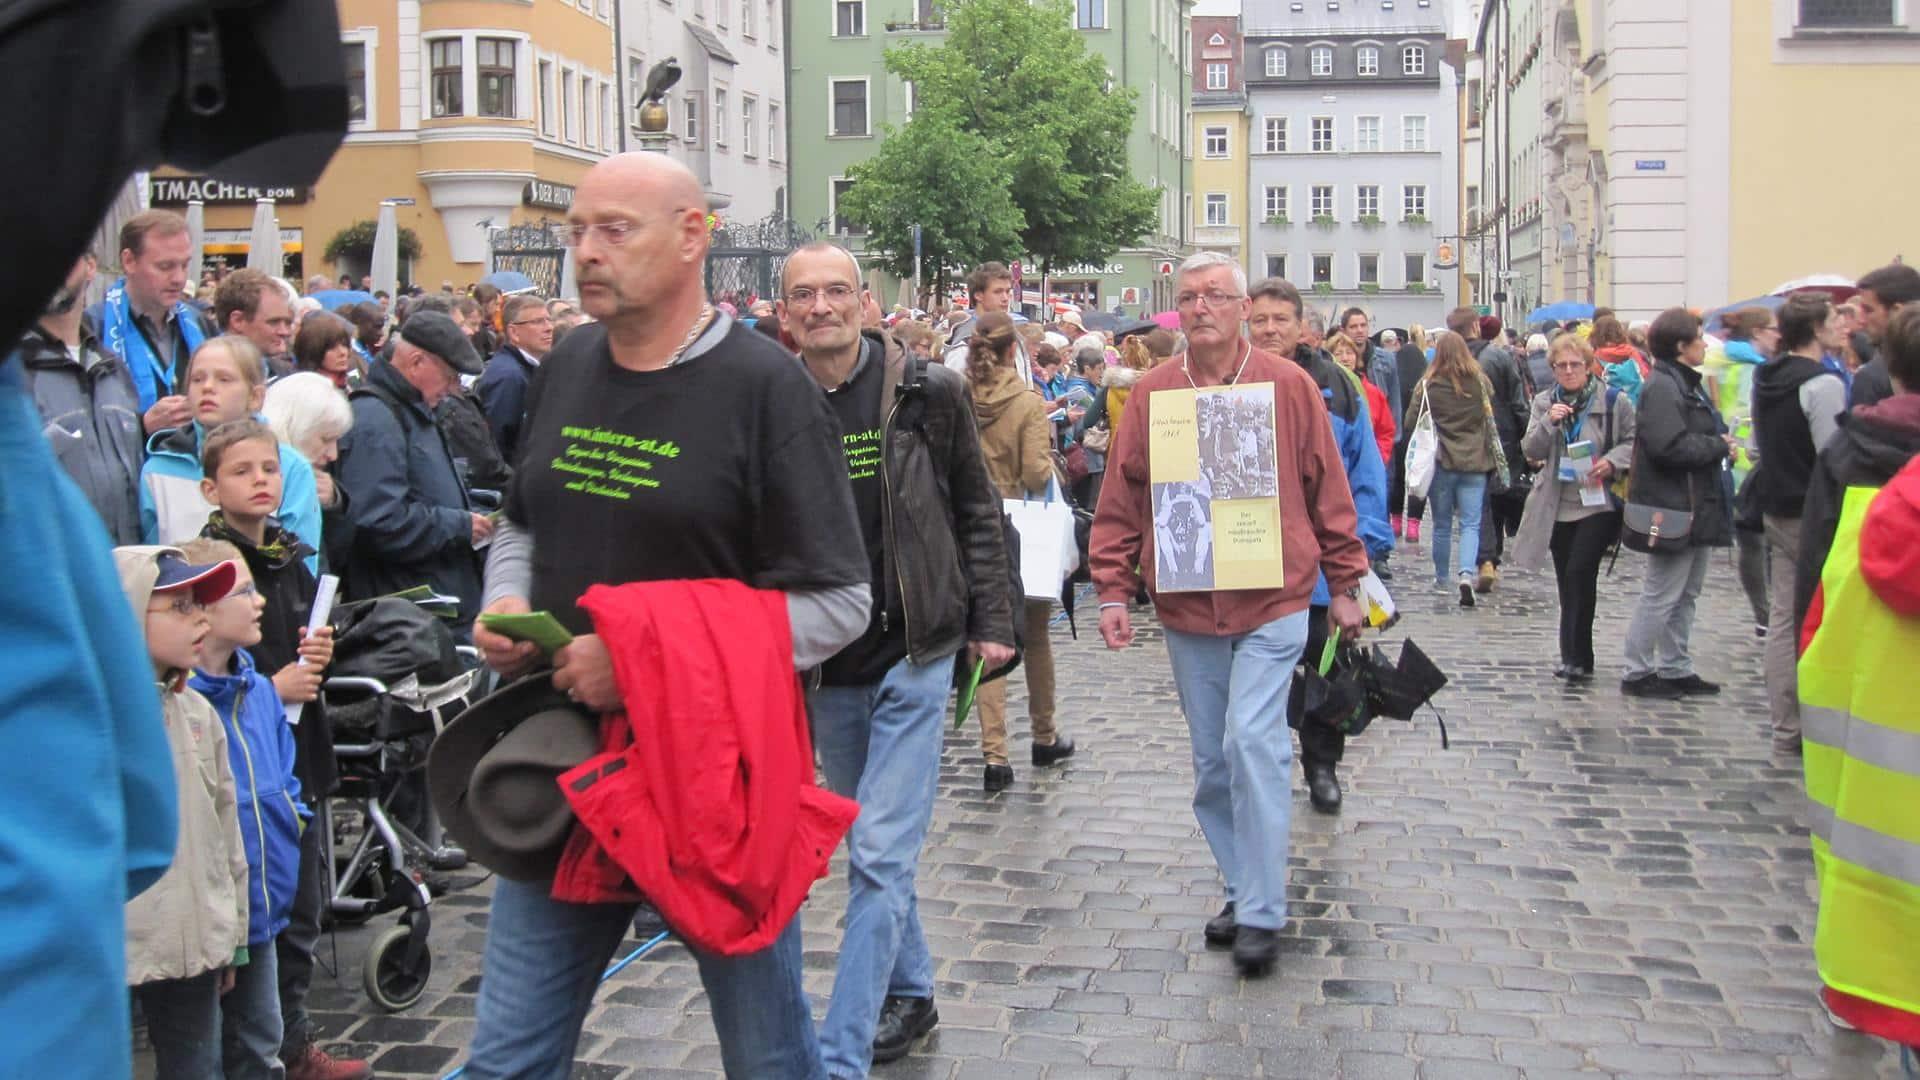 Katholikentag 2014: Missbrauchte Domspatzen demonstrieren für Gerechtigkeit und Aufklärung. Foto: SWR/ Mona Botros